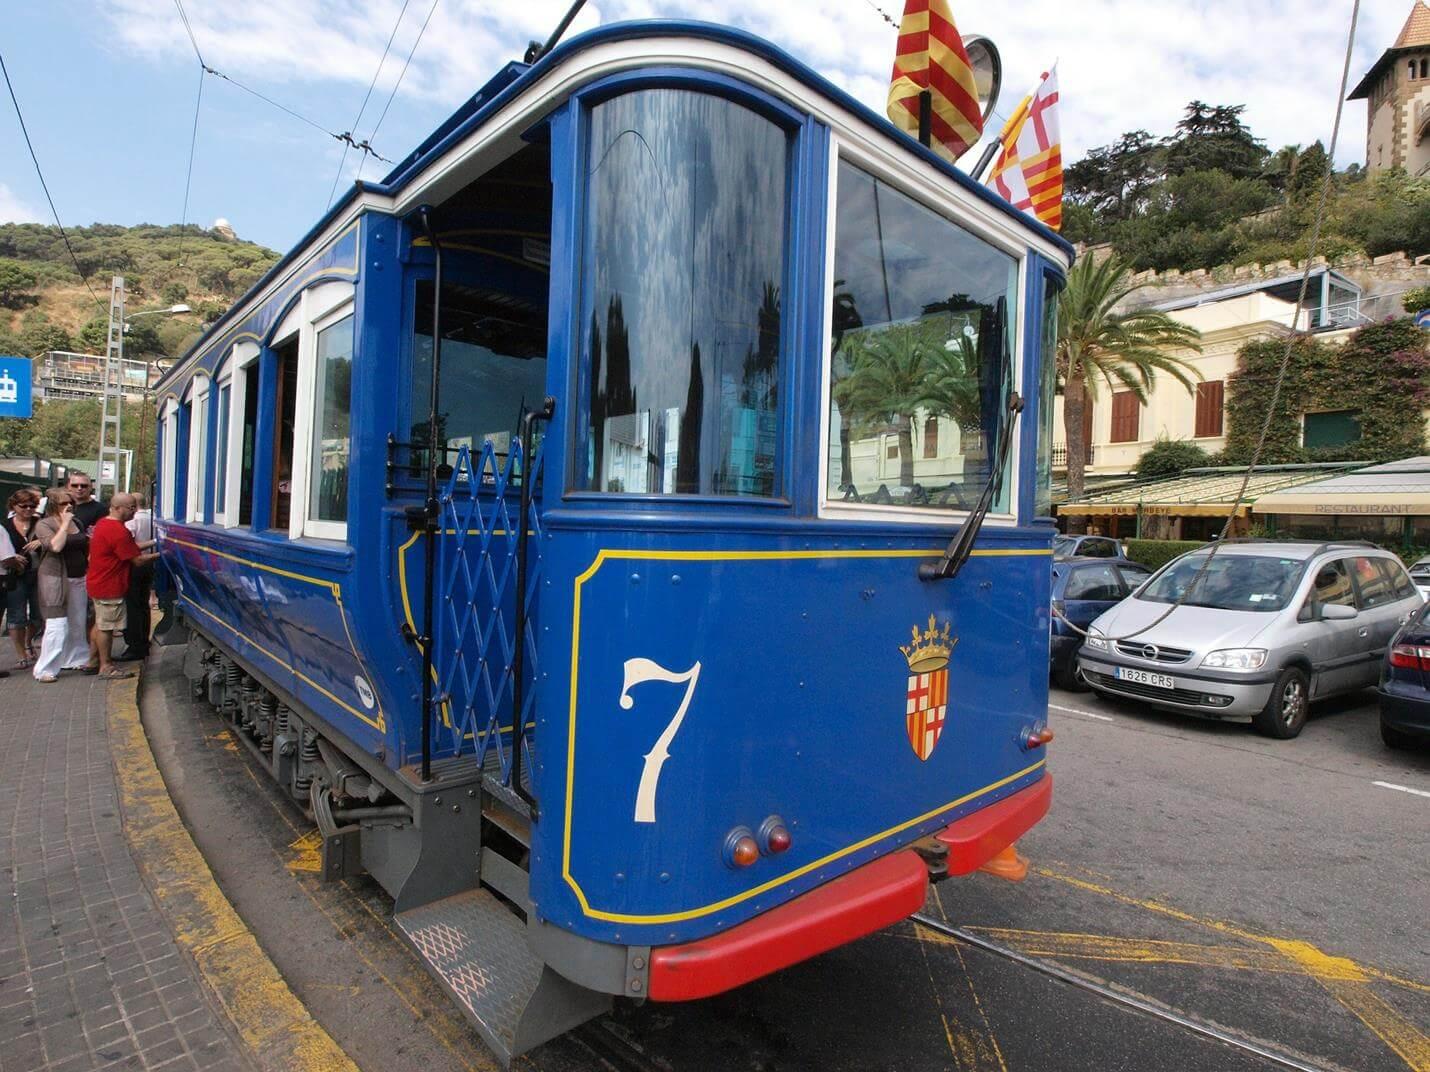 Tramvia Blau in Barcelona - Top